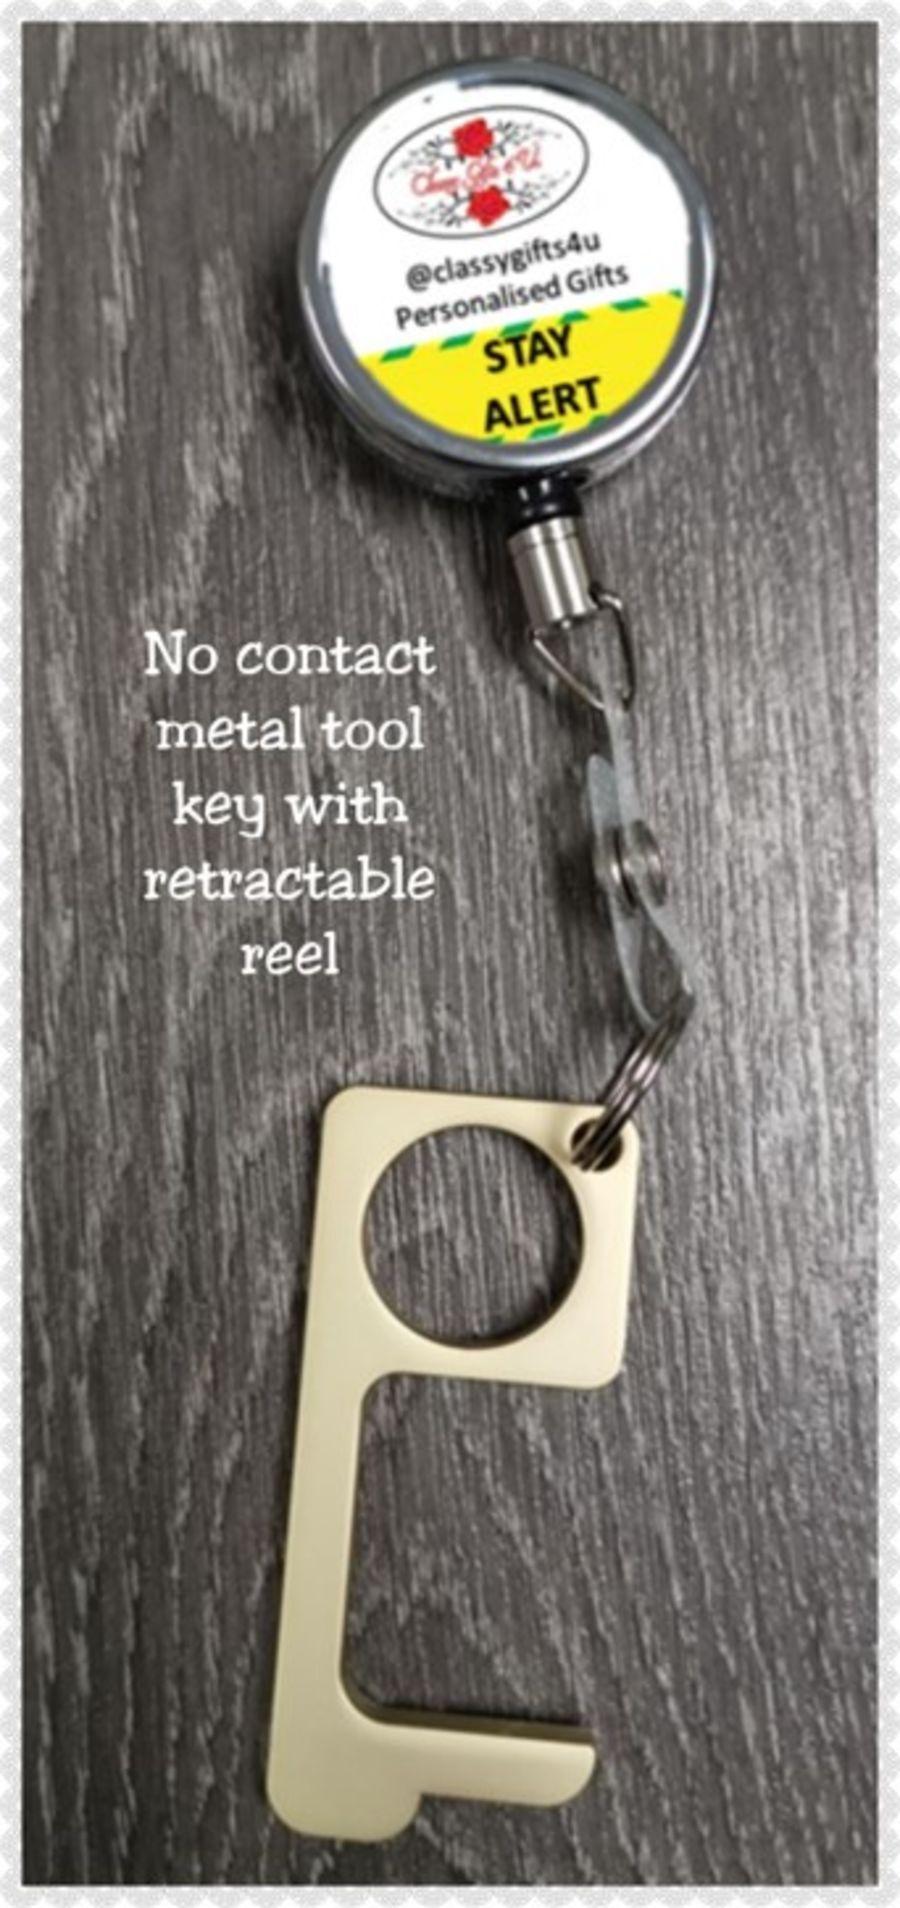 Retractable no contact metal tool key